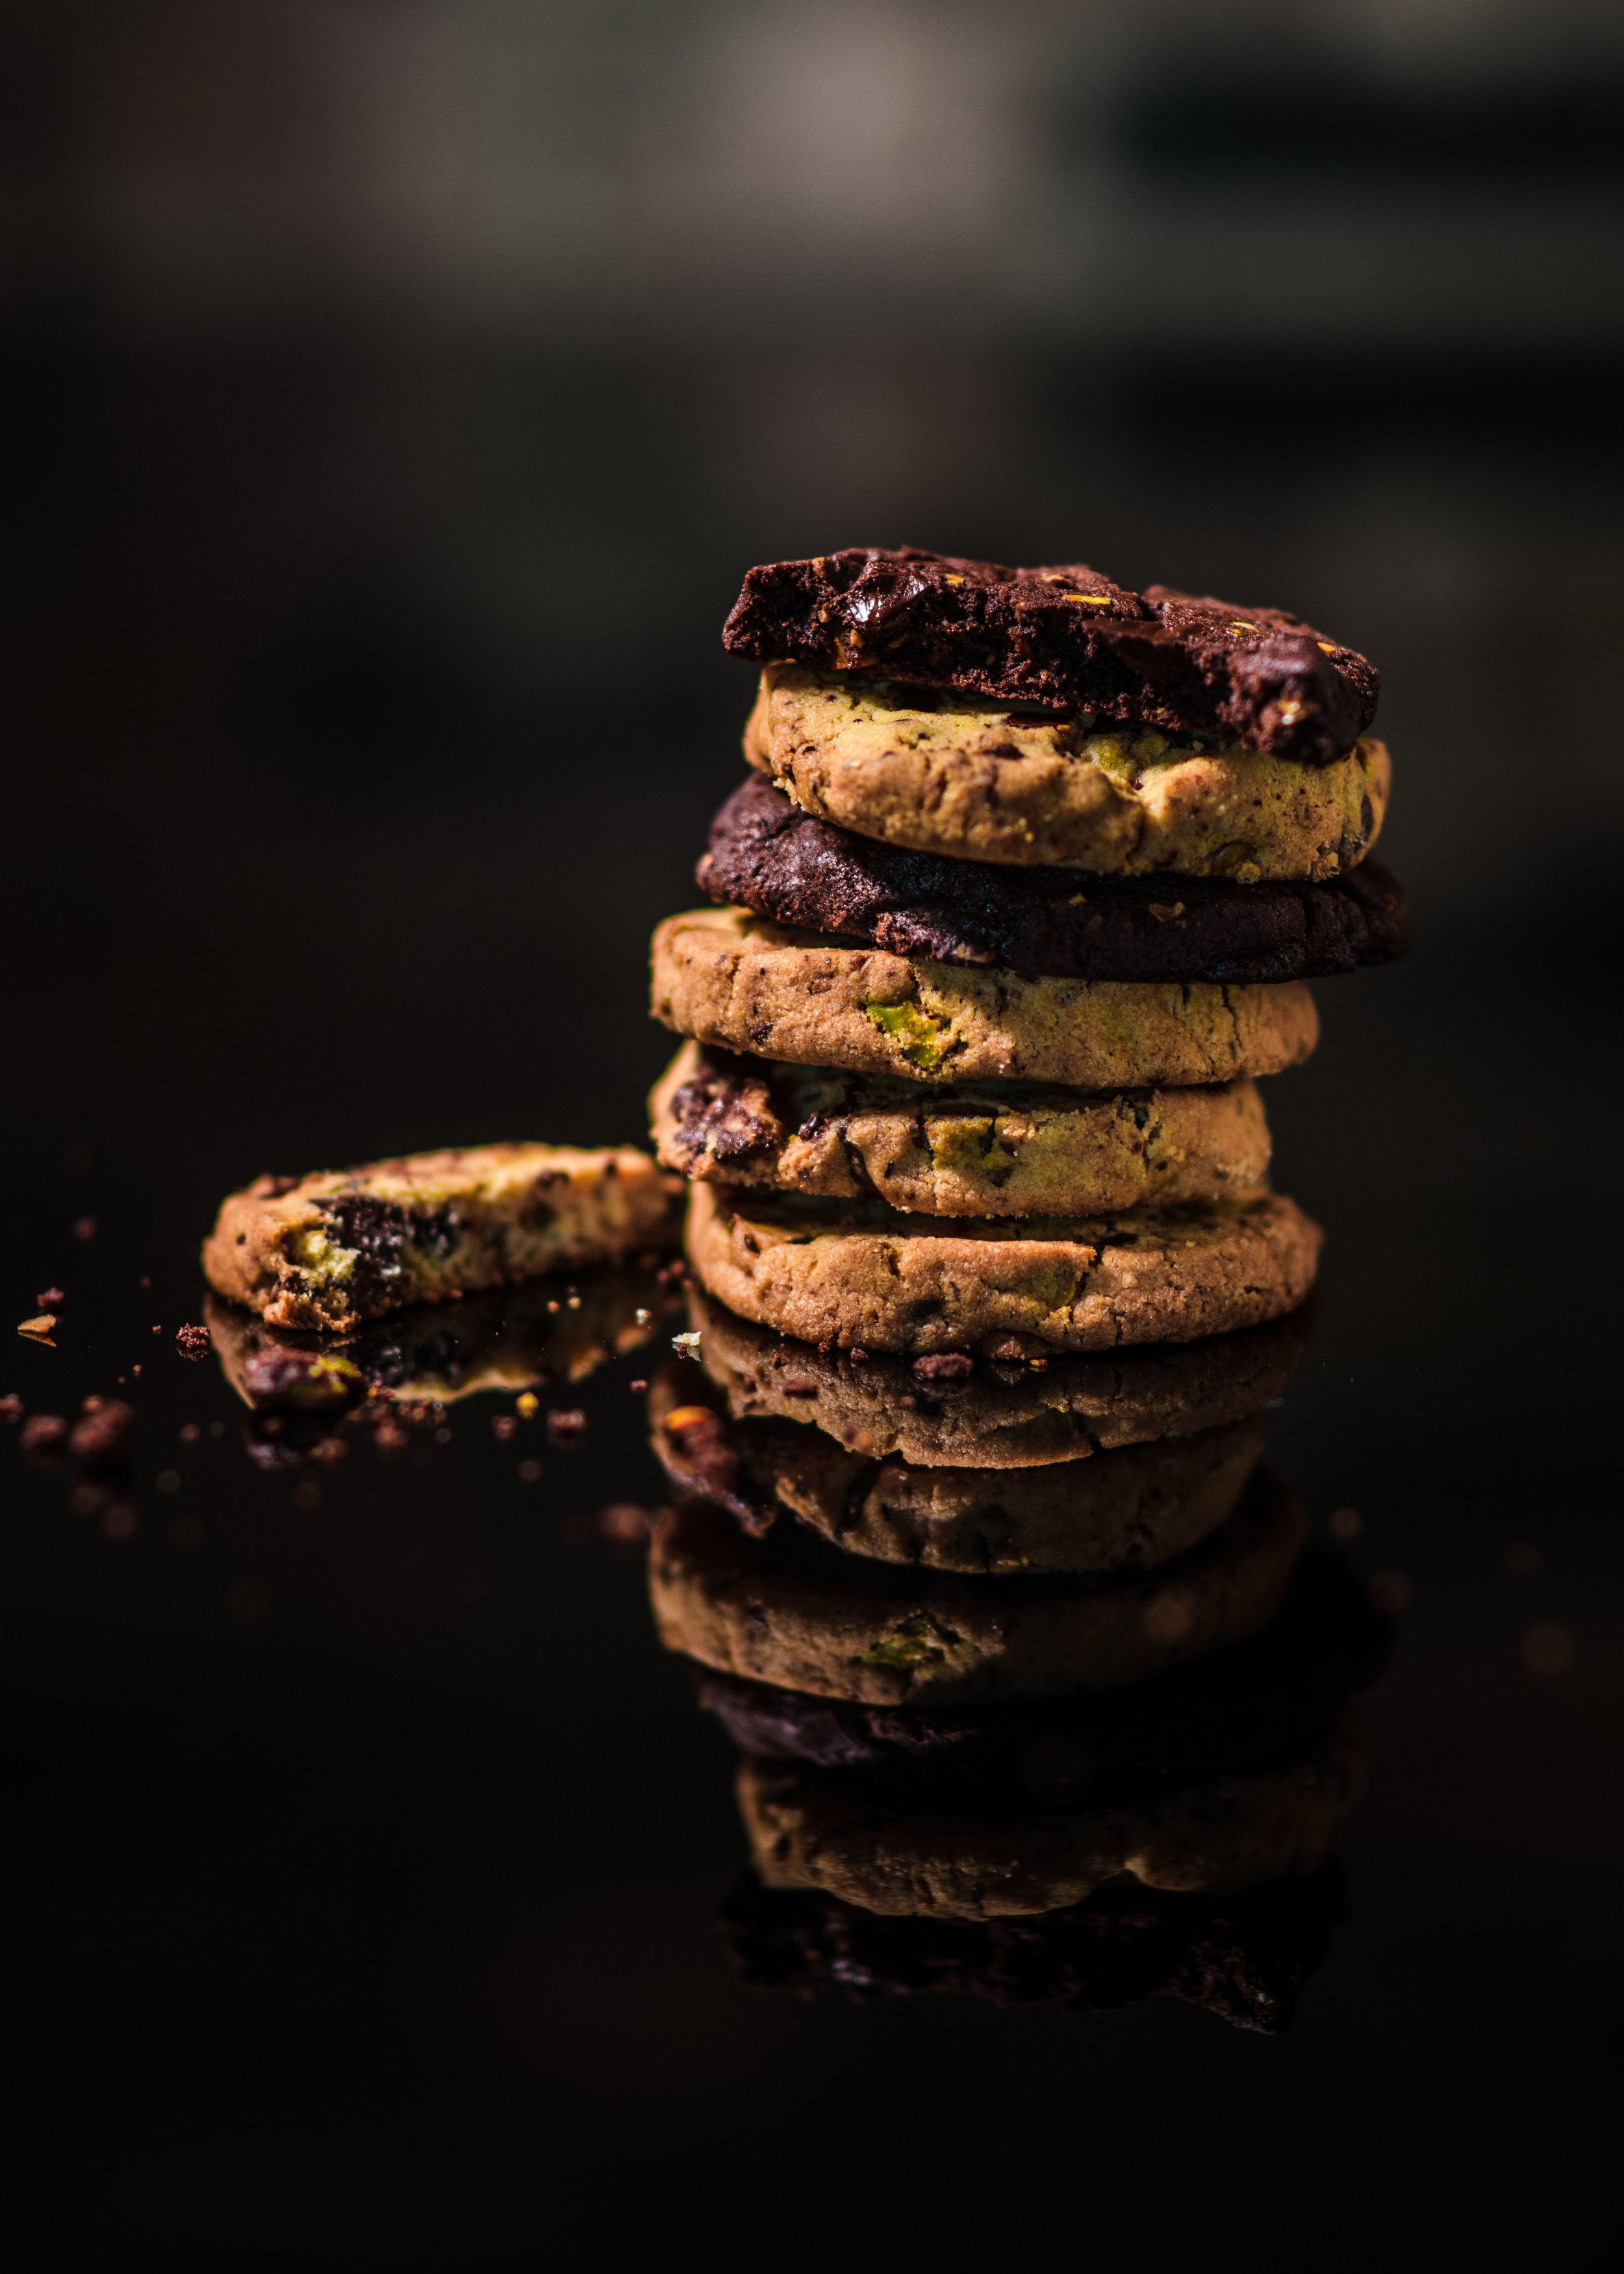 cookie-002 copy.jpg